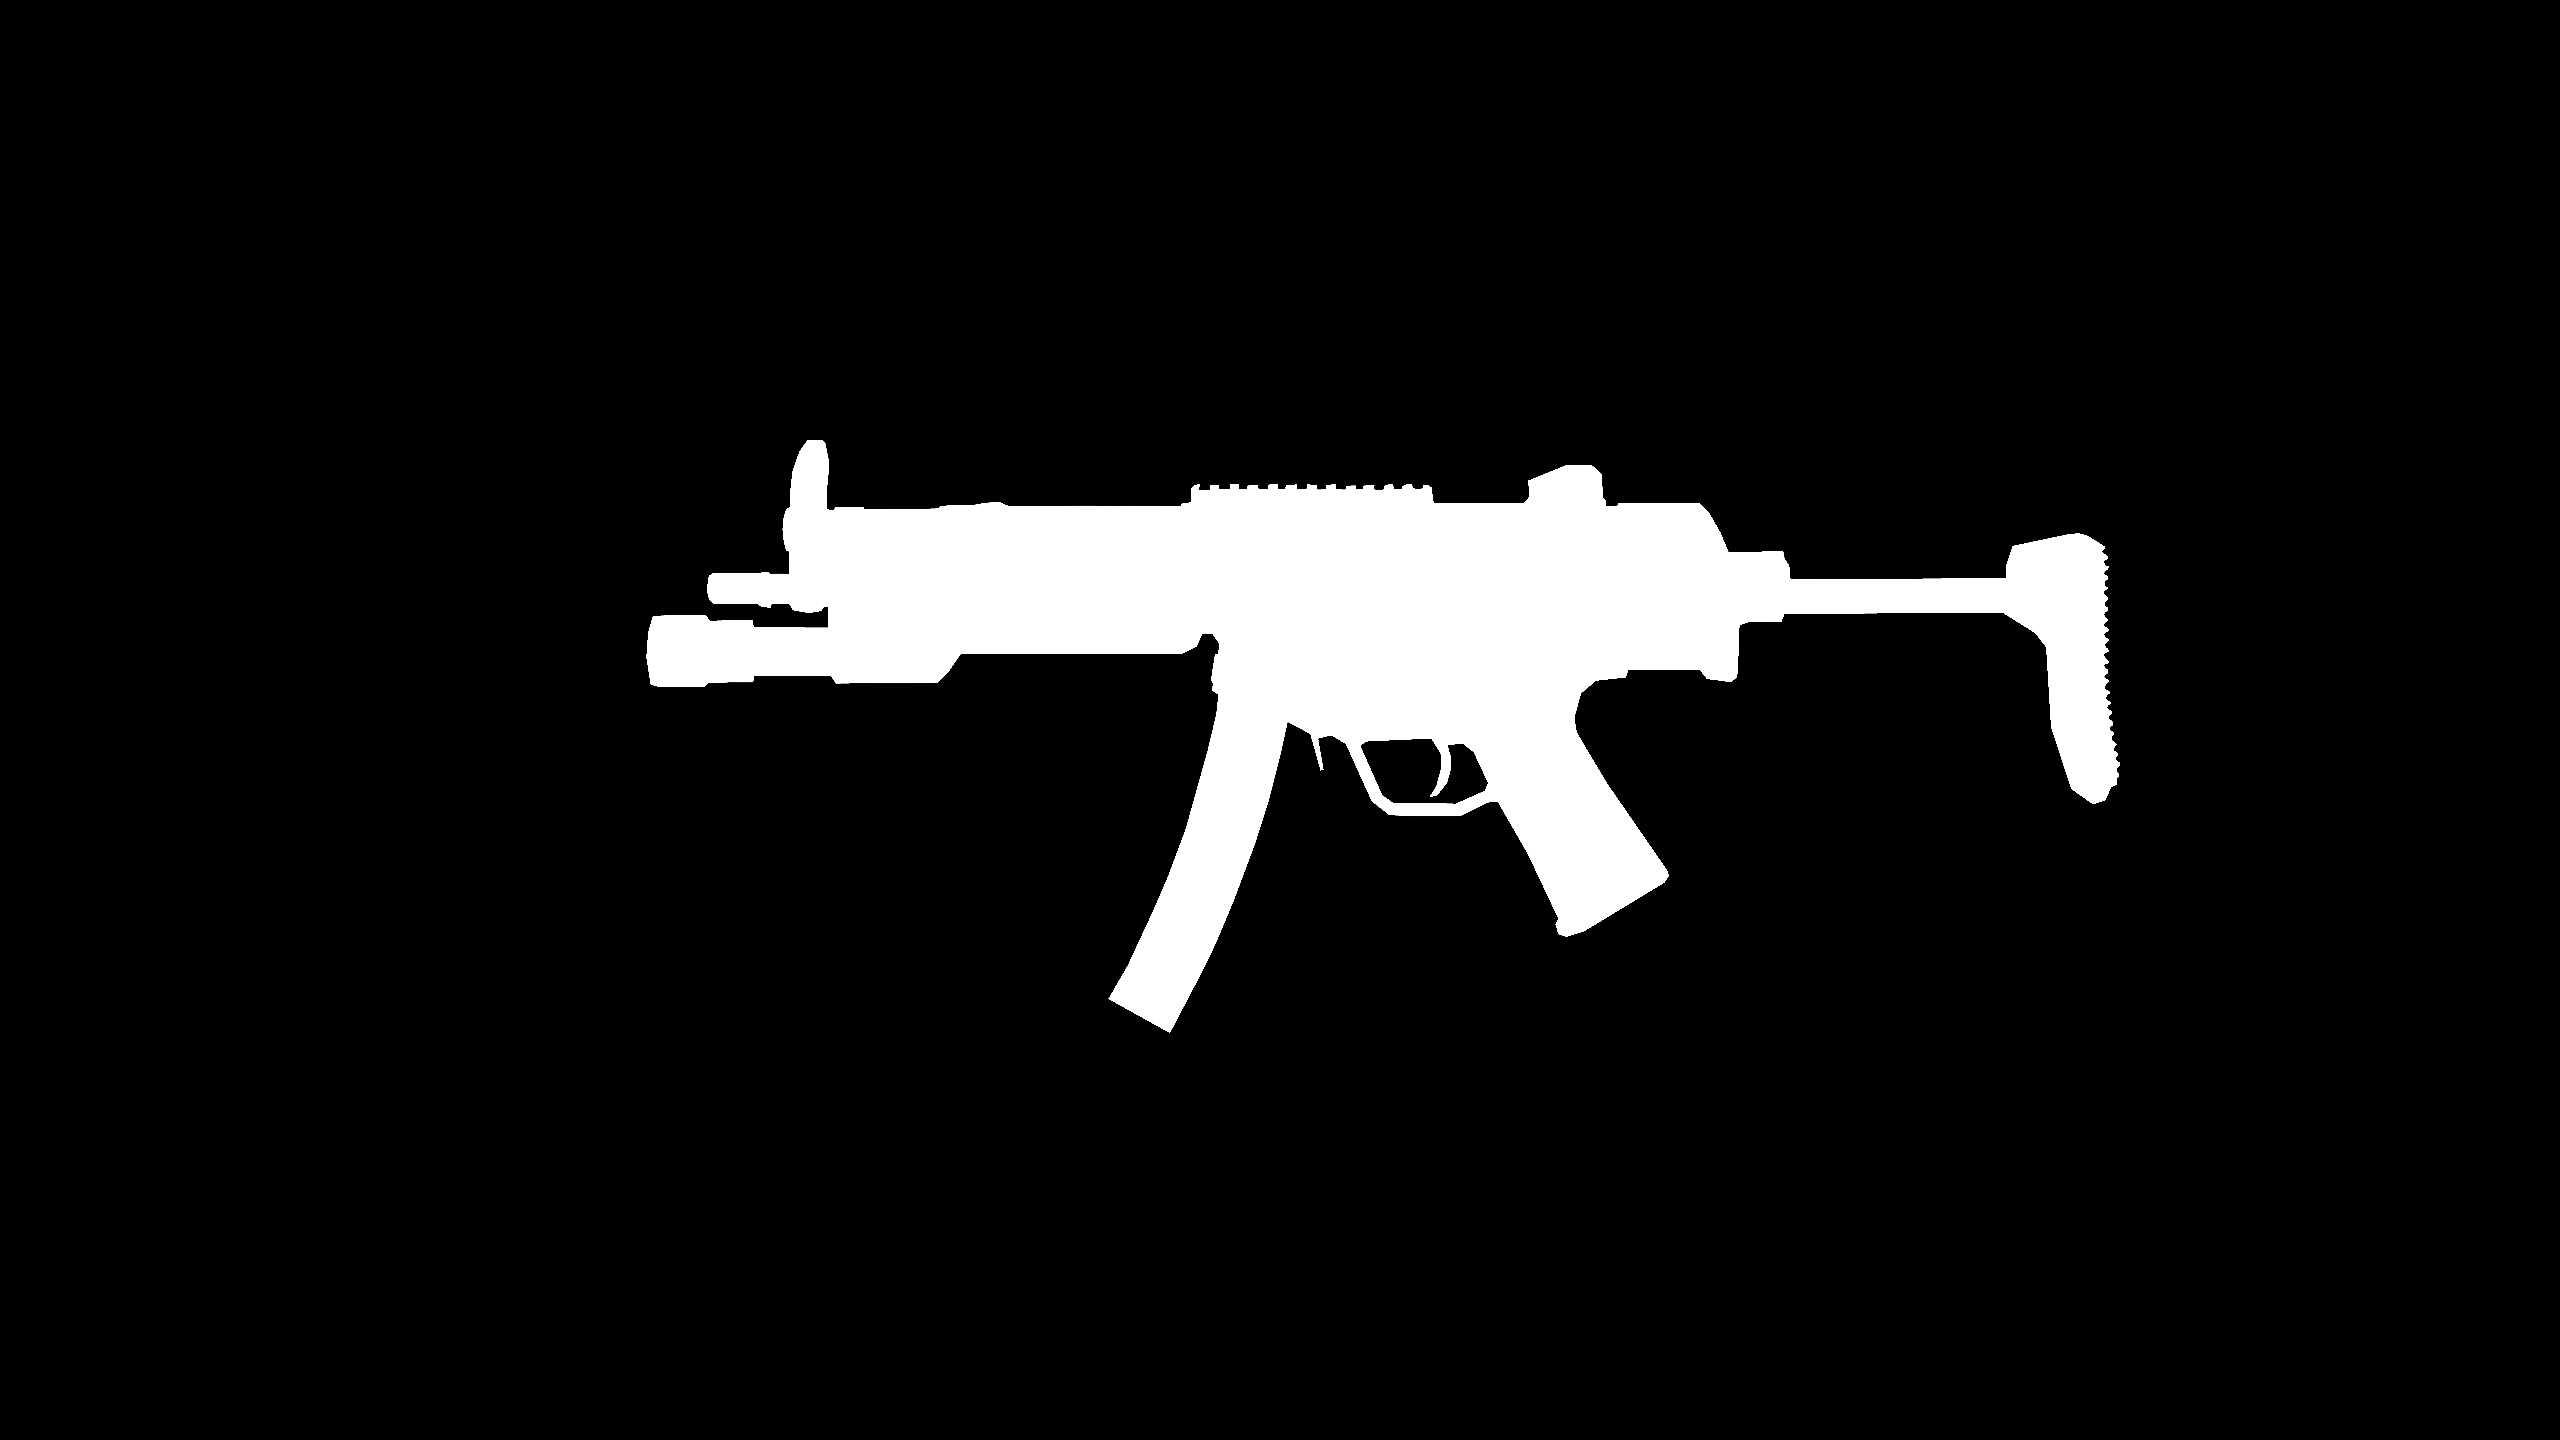 MP5 umriss